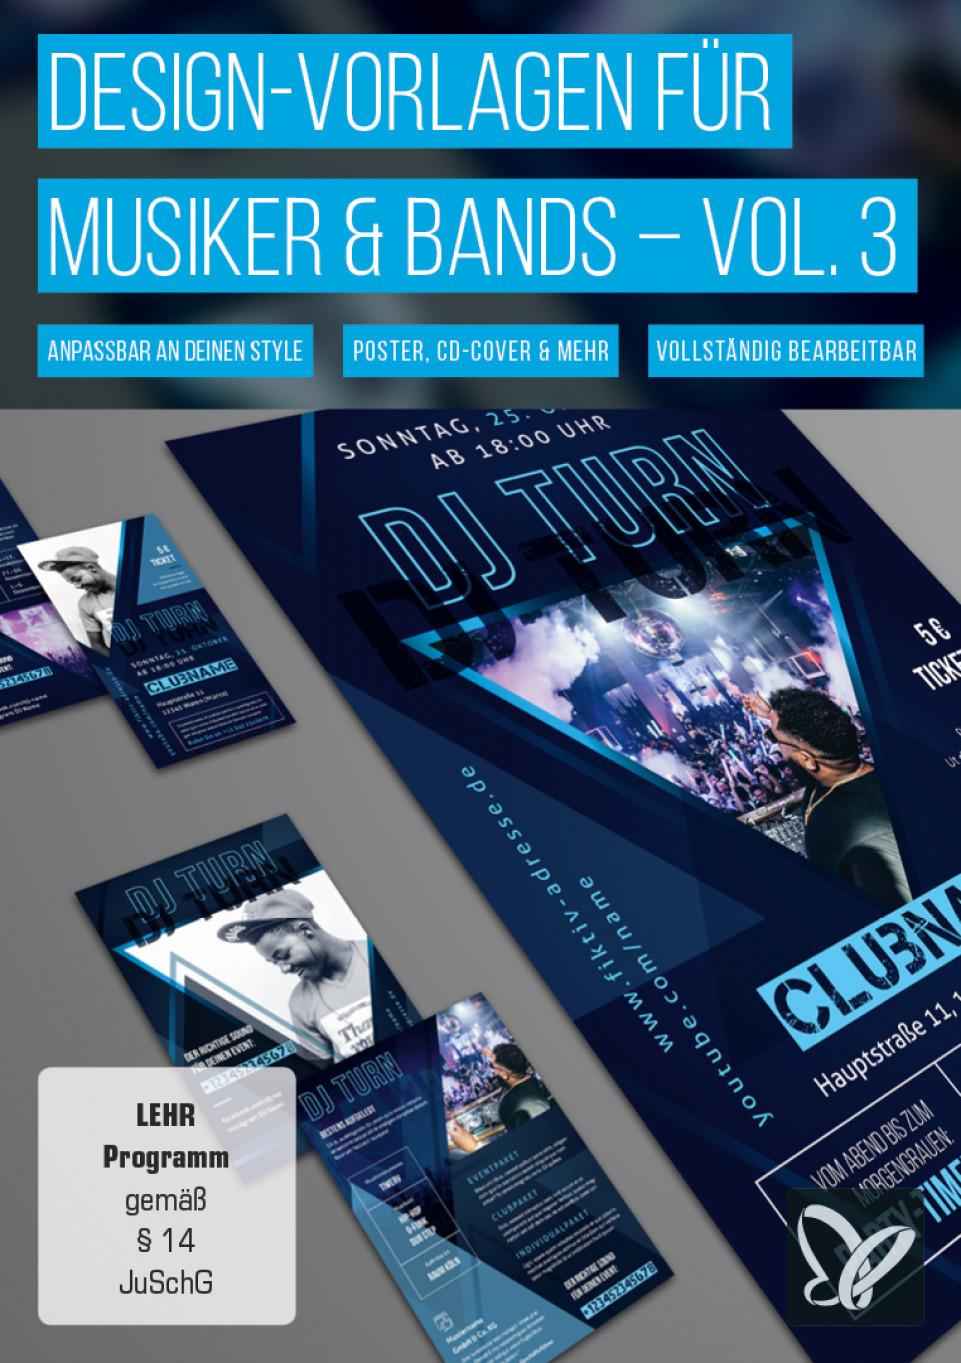 Design-Vorlagen für Musiker & Bands – Vol. 3